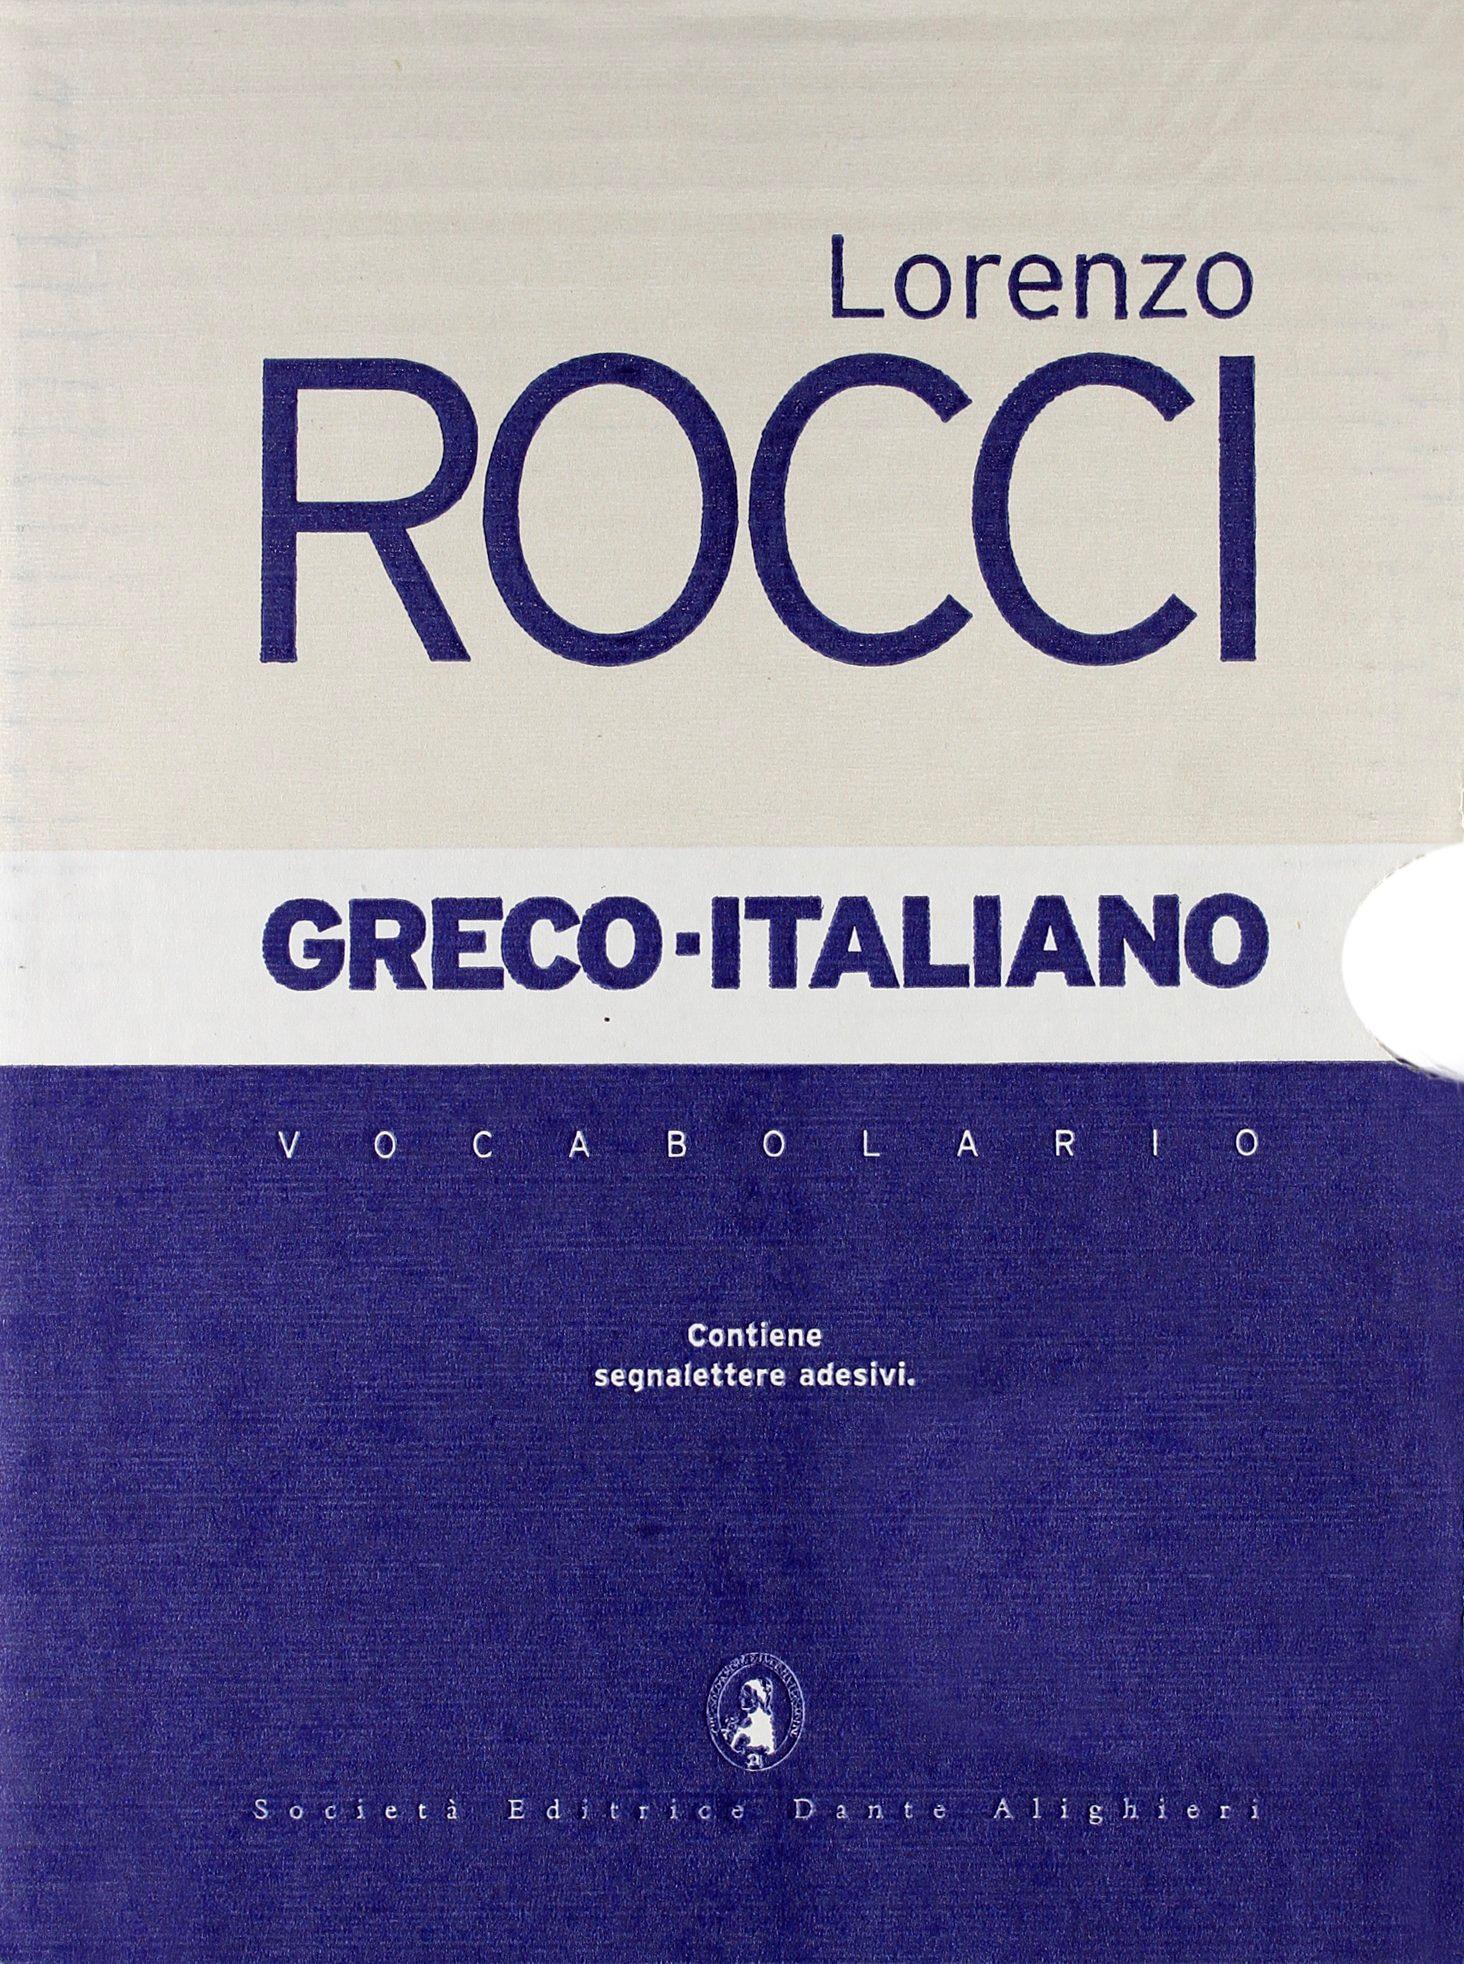 Vocabolario greco-italiano 2011